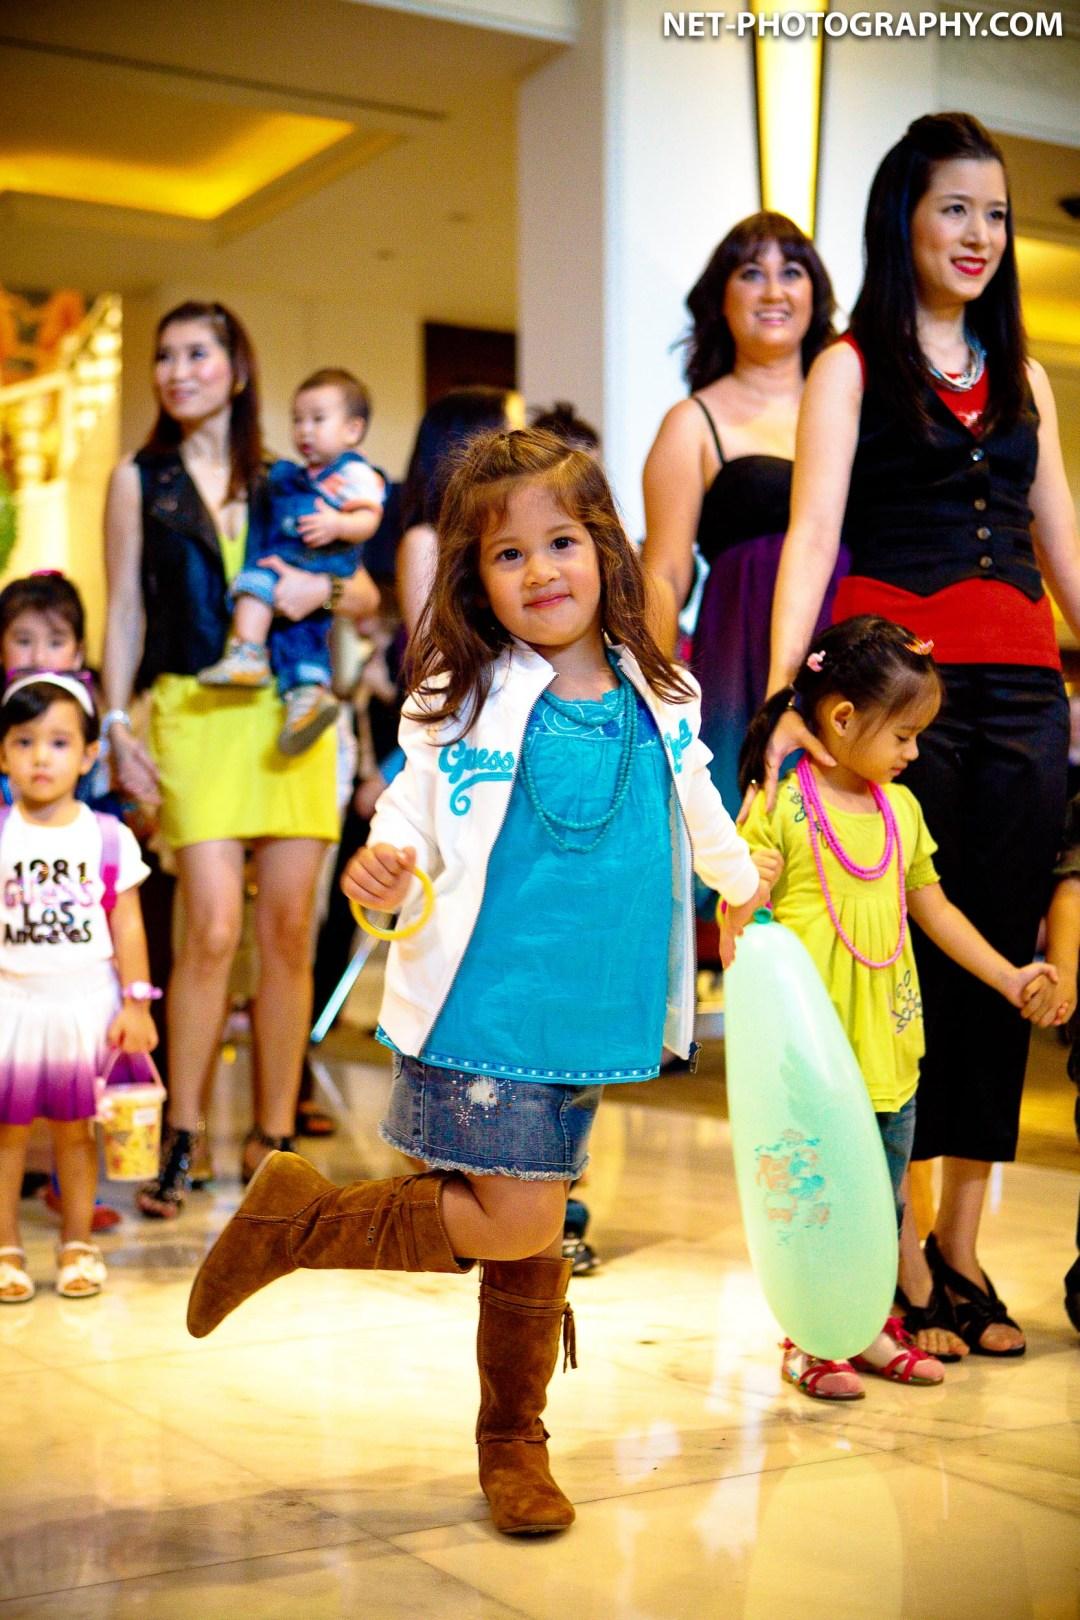 Event photography at Anantara Siam Bangkok Hotel